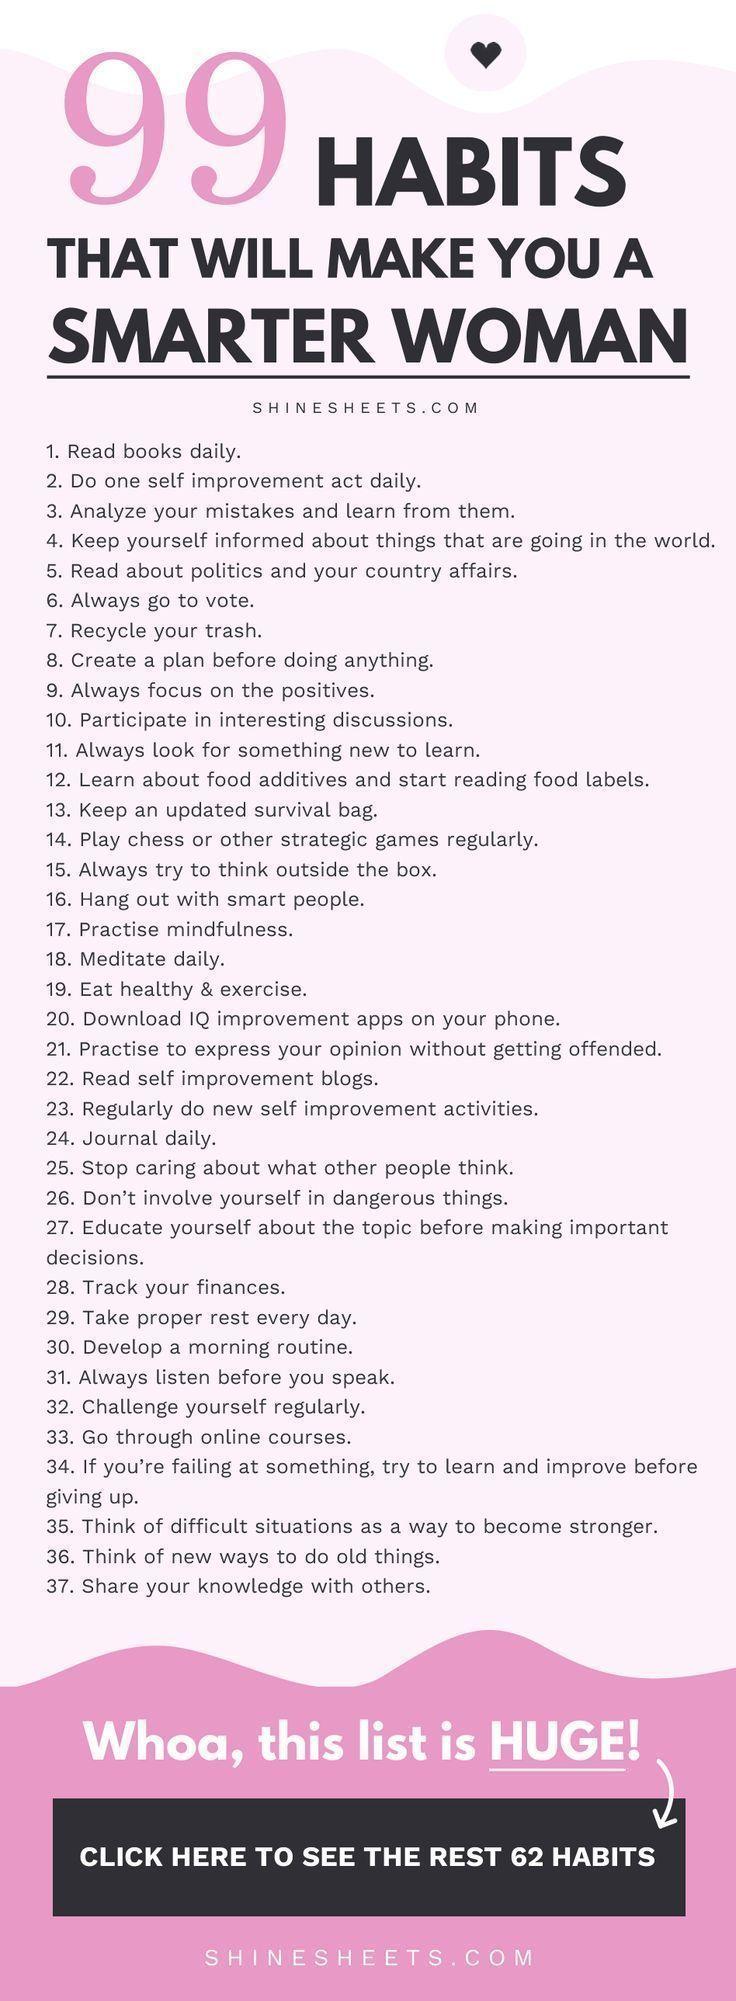 99 Gewohnheiten, die Sie zu einer klügeren Frau machen + KOSTENLOSE druckbare Liste  womens health -...